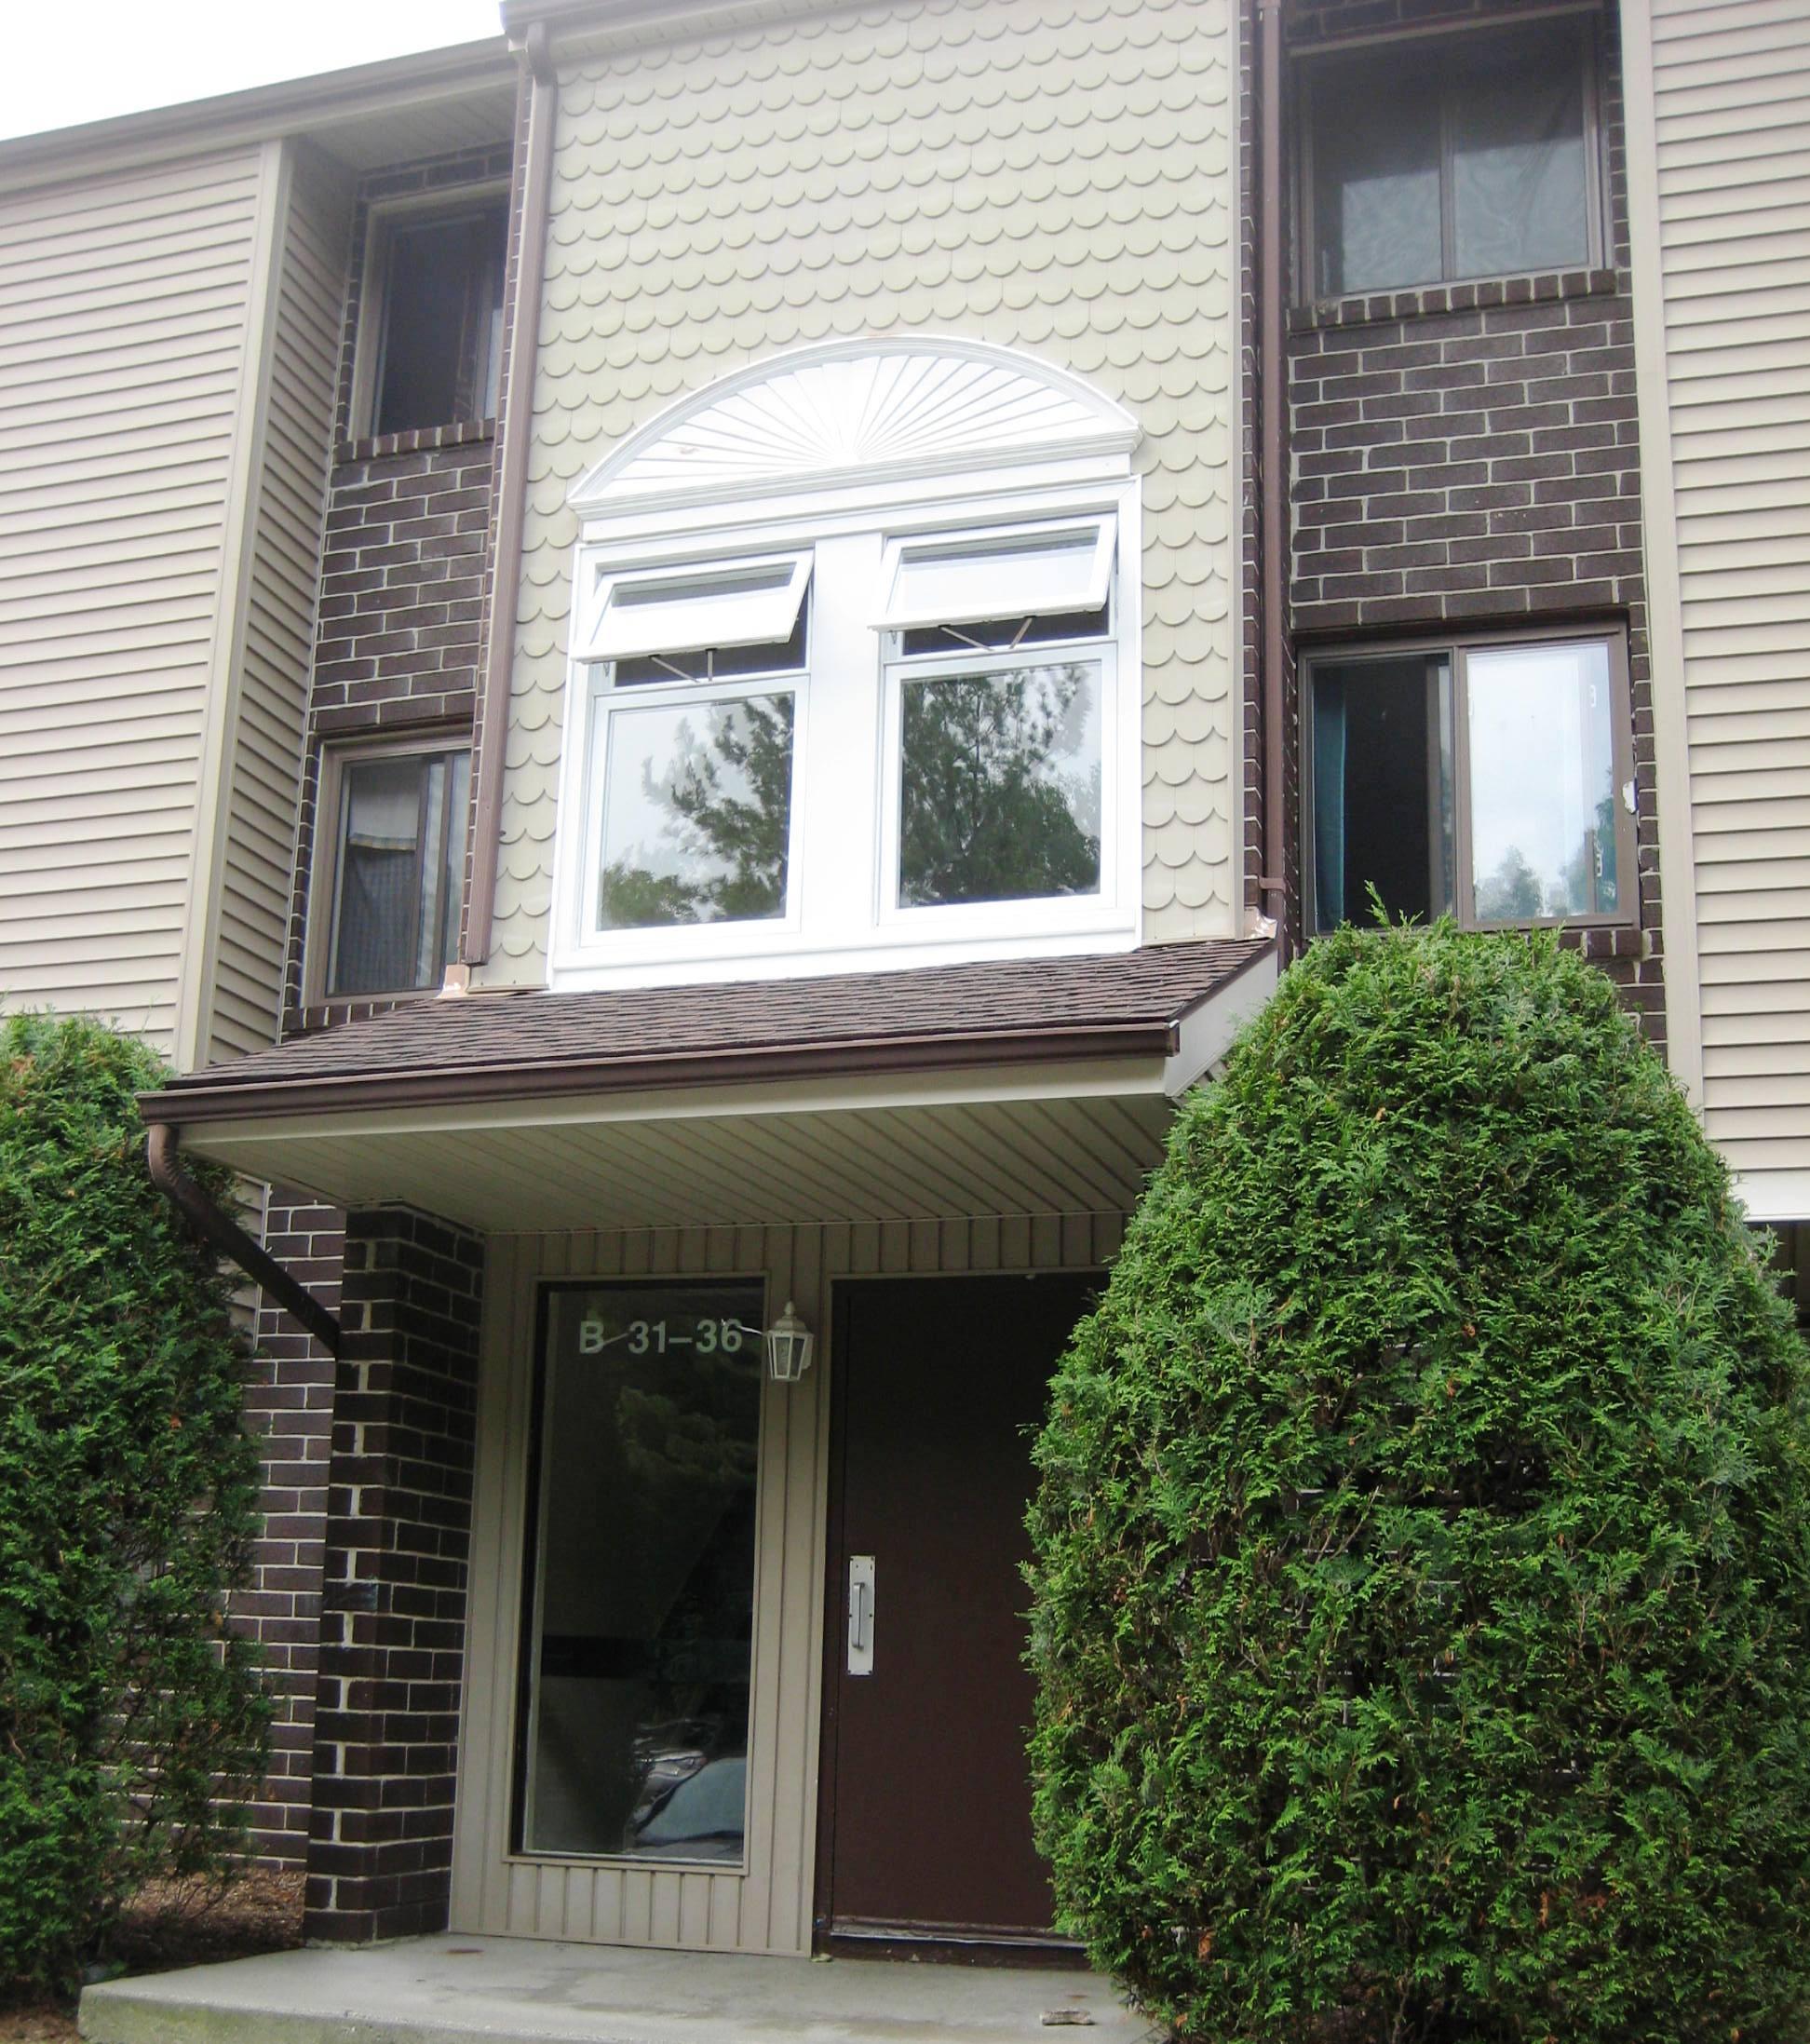 コンドミニアム のために 売買 アット Well Maintained 2 Bedroom Condo 7 Padanaram Road B32 Danbury, コネチカット, 06811 アメリカ合衆国